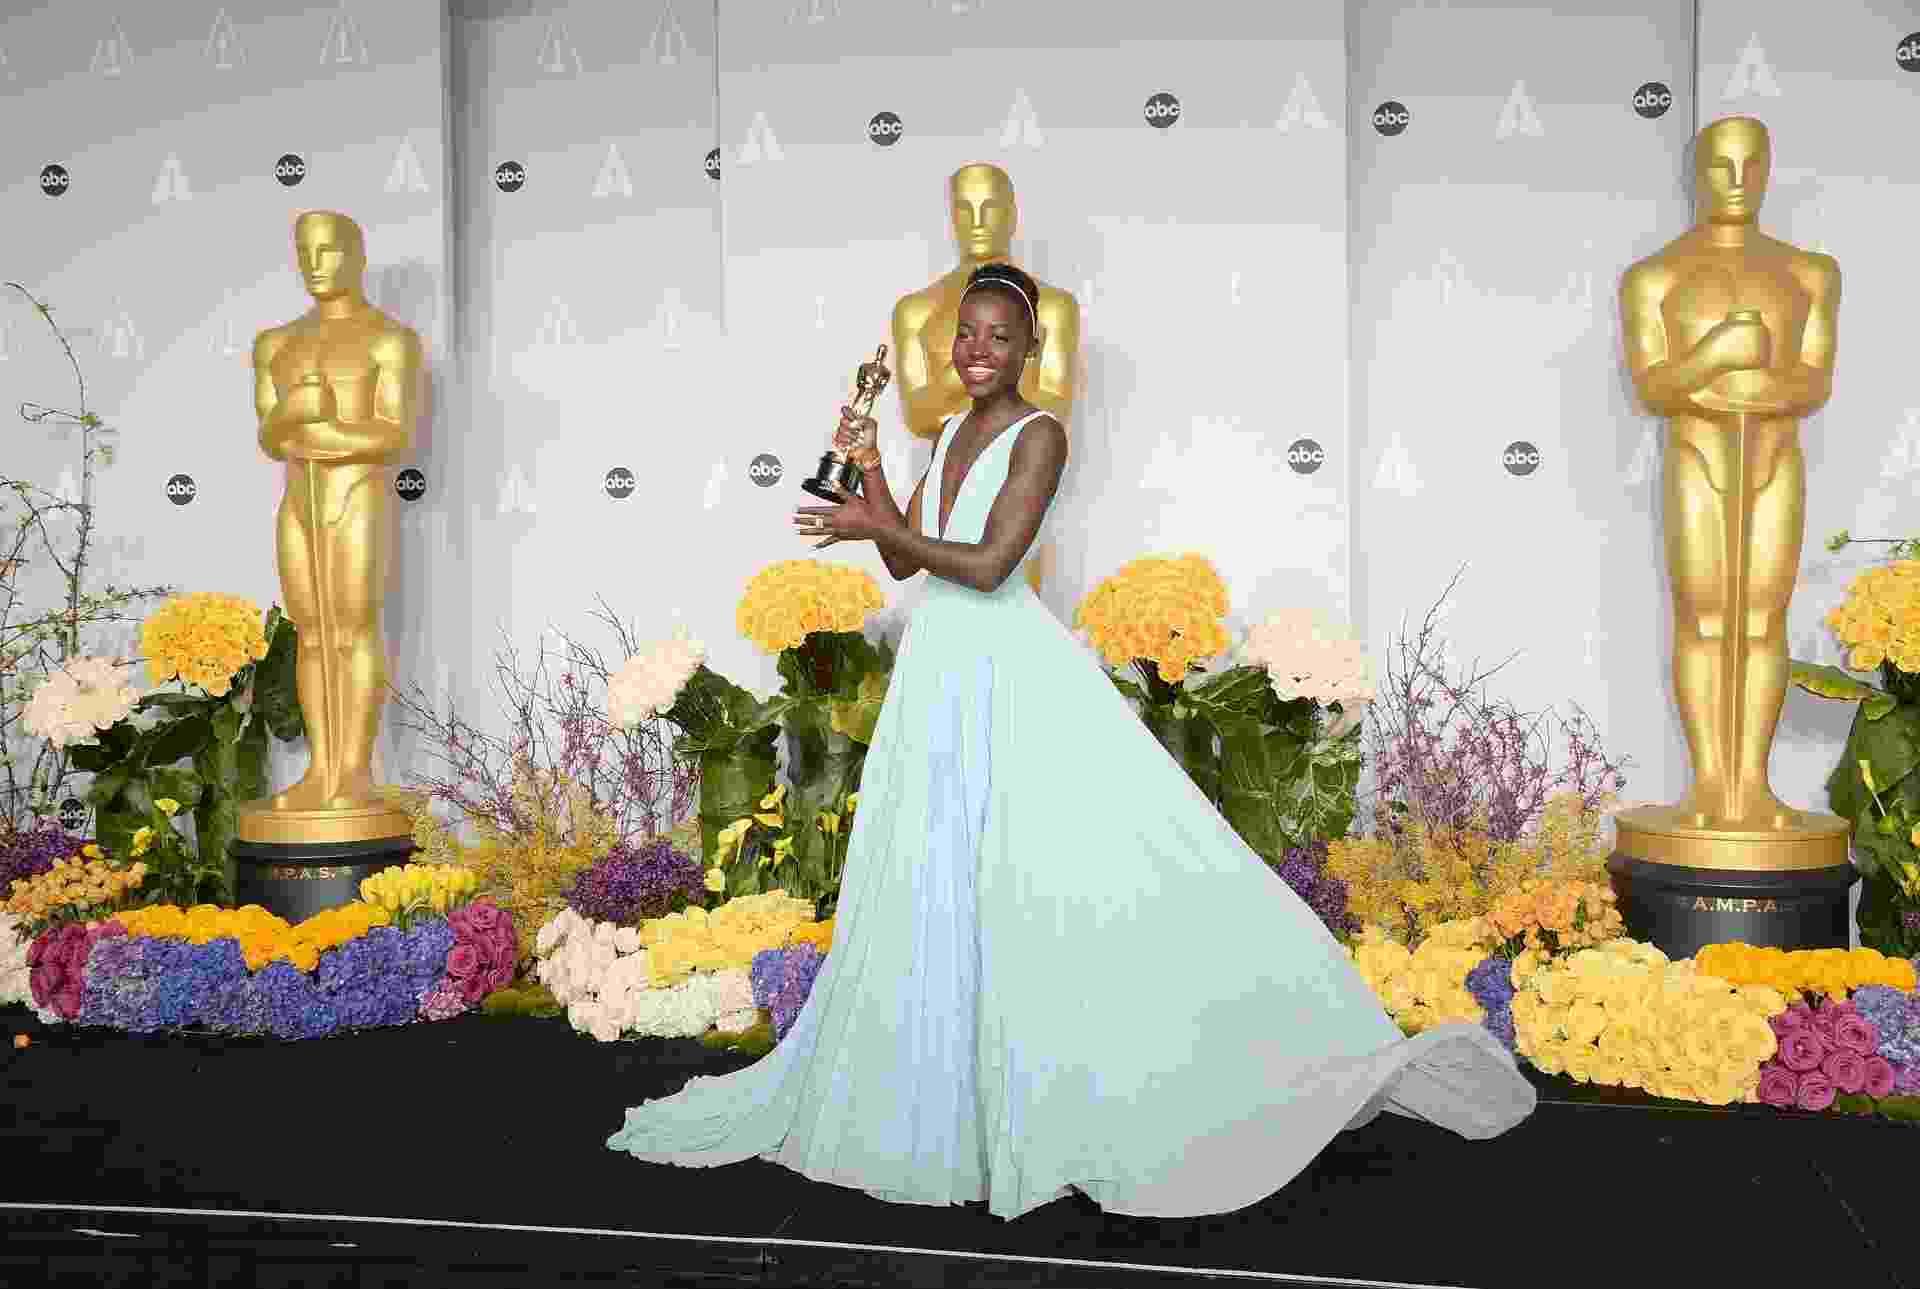 Descubra os truques de moda da nova diva fashion, a atriz Lupita Nyong'o - Getty Images